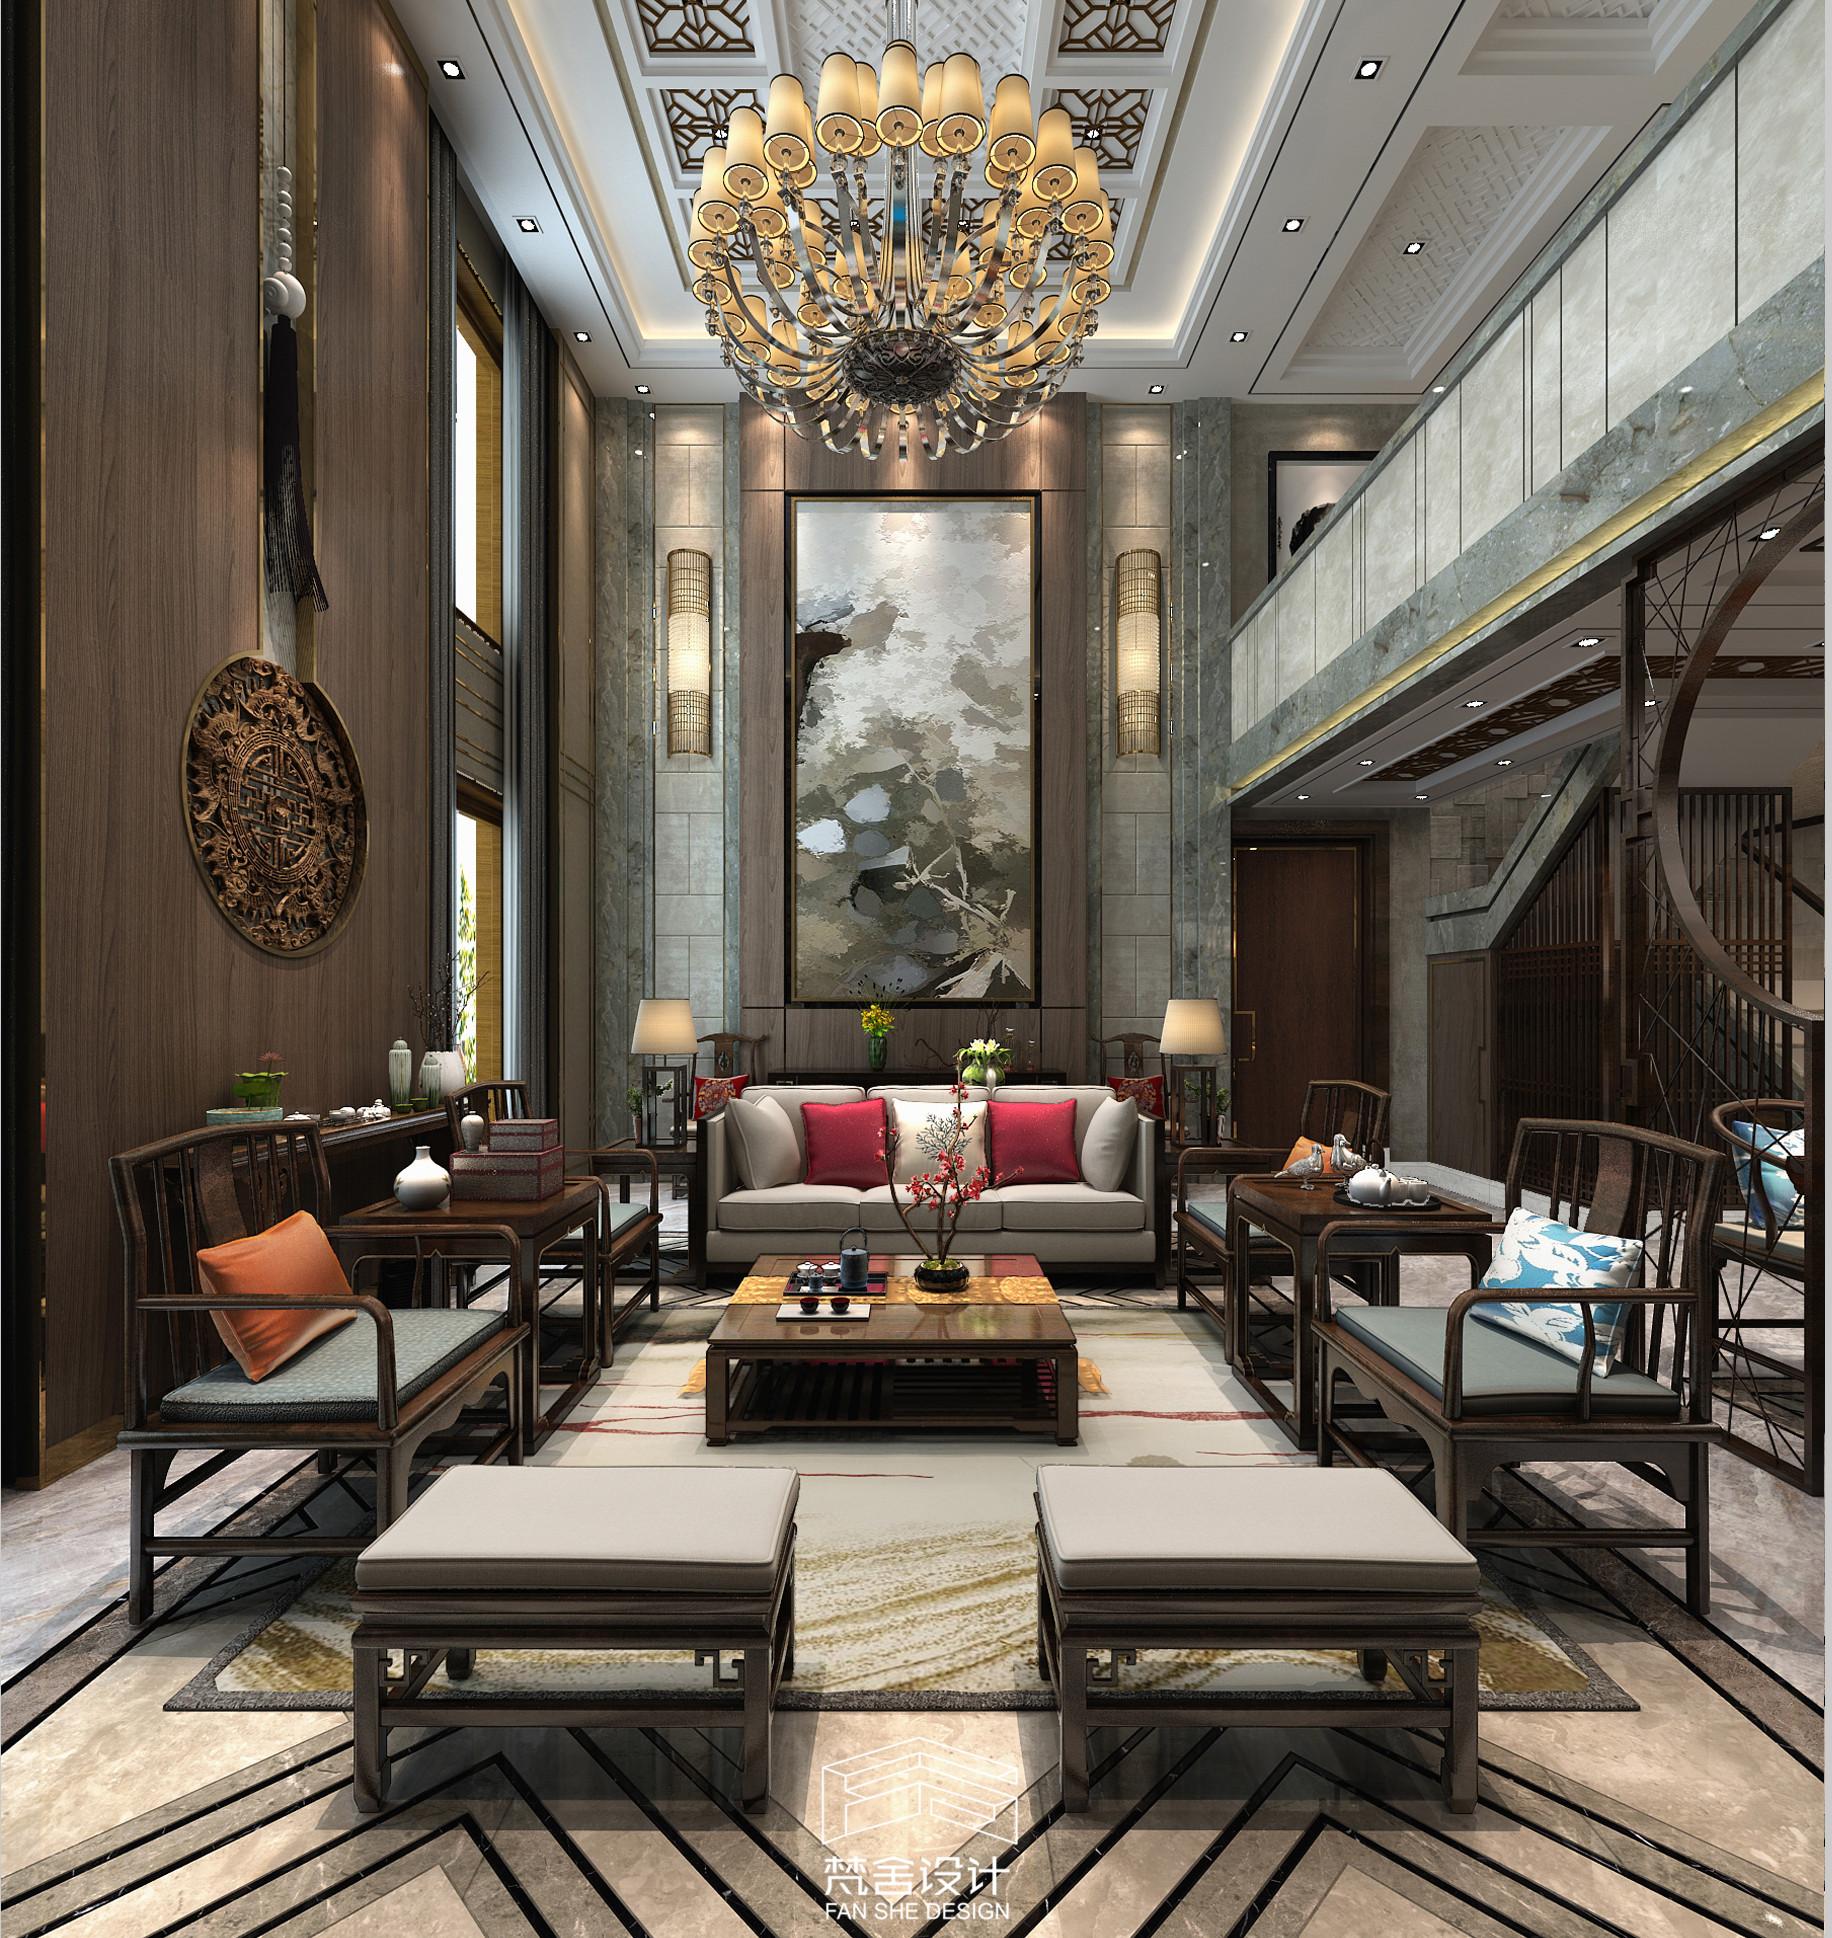 龙之梦300三层复式,一别墅挑空v复式,新中式风格二层别墅二层图片